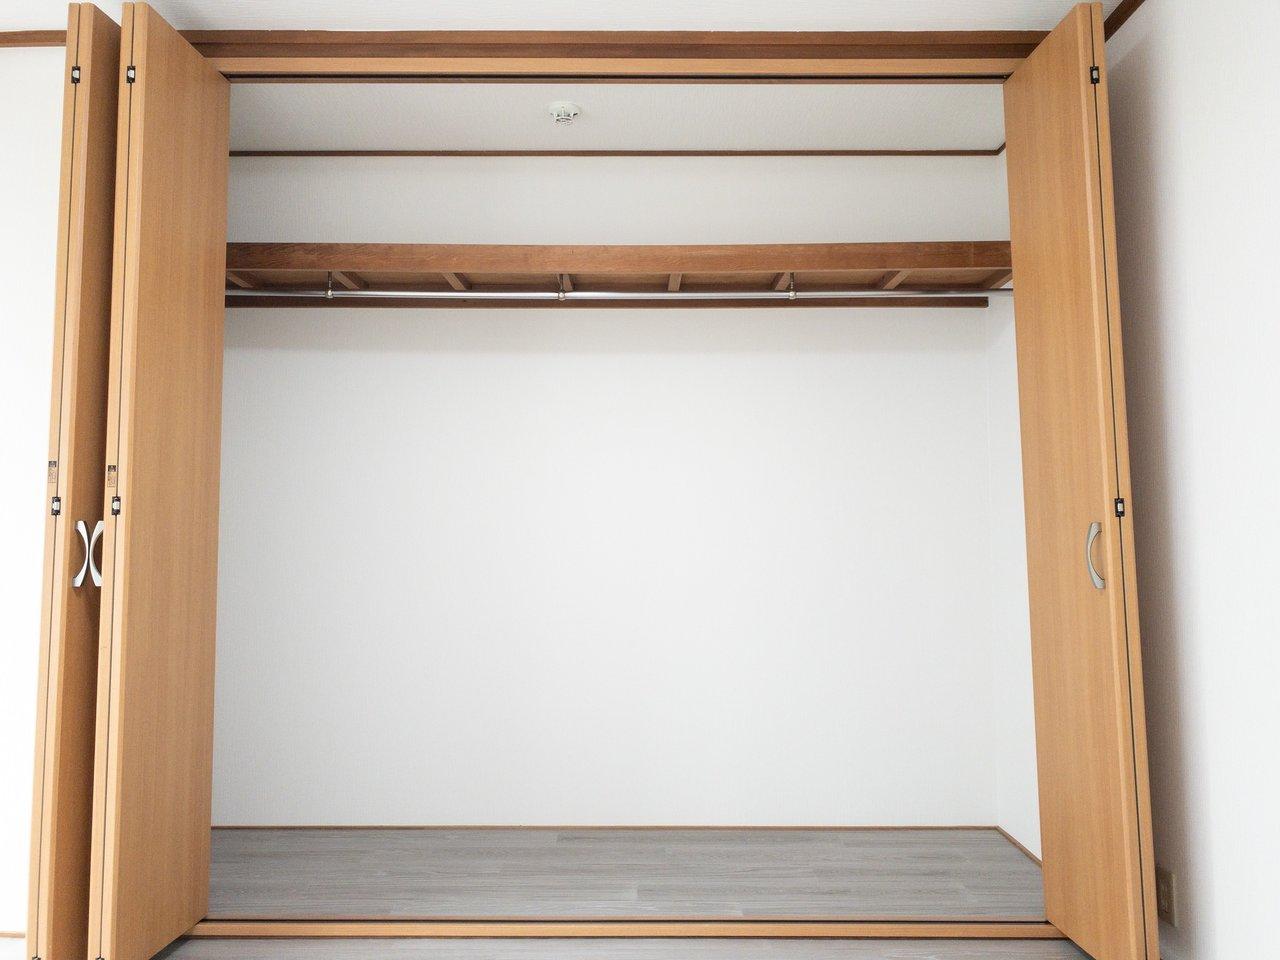 クローゼットもこの通り!二人暮らしでも十分荷物がおさまりそう。上の棚をうまくつかって収納すると良いですね。